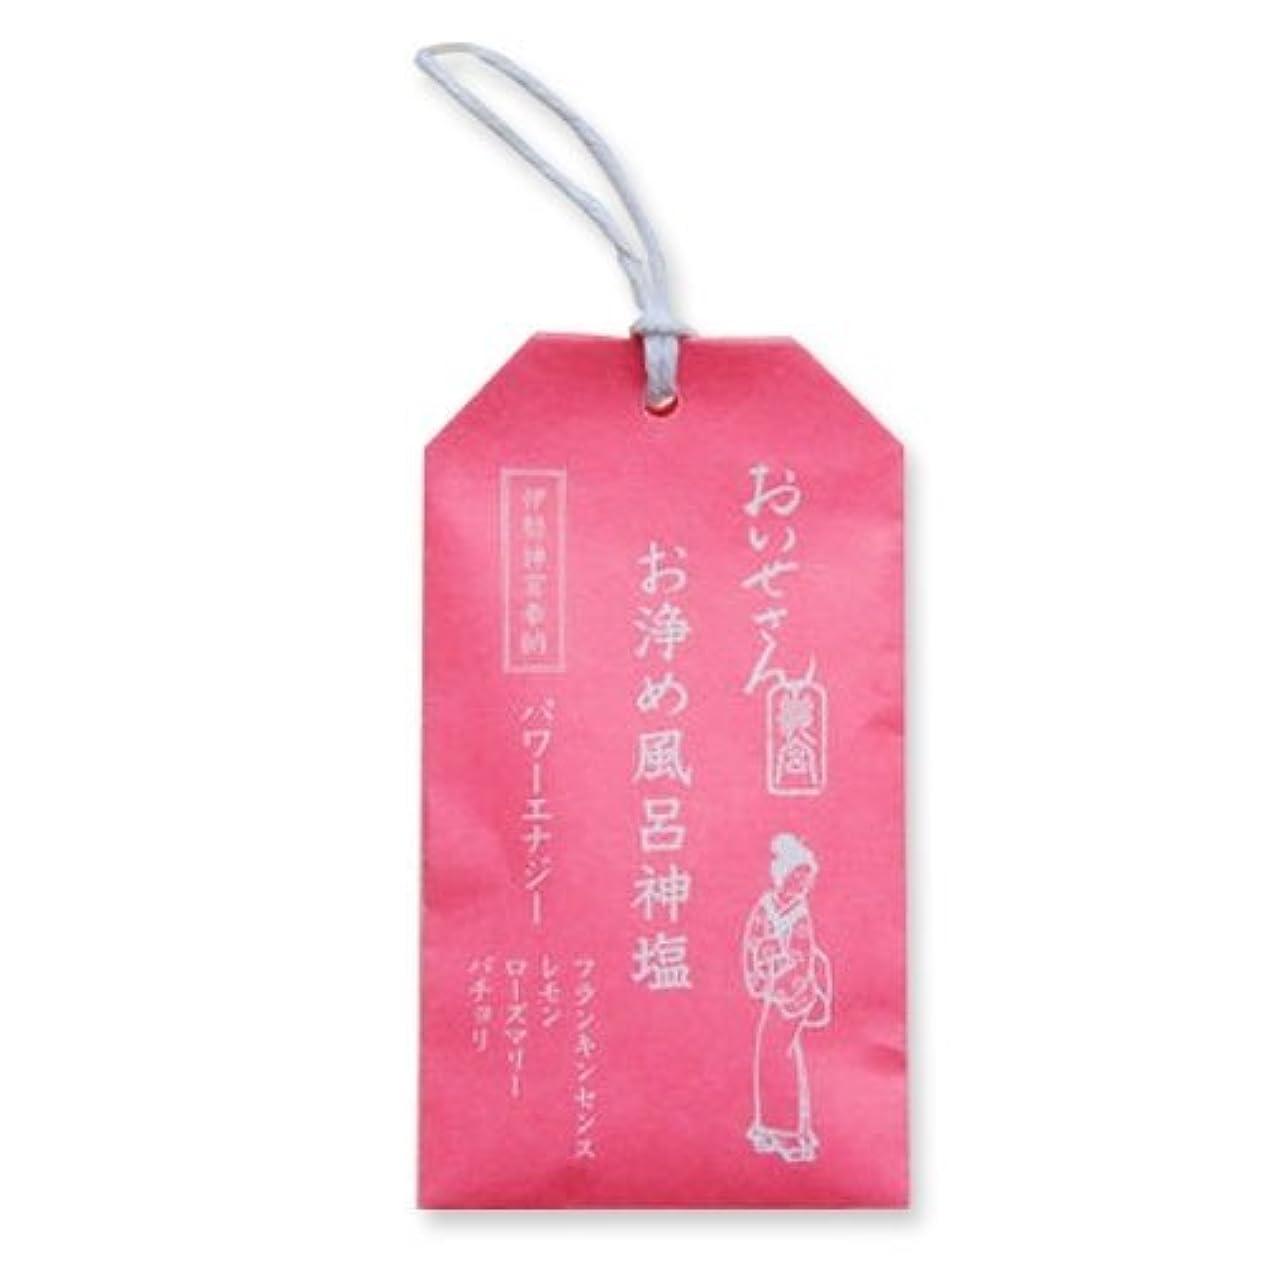 あまりにも笑再生おいせさん お浄め風呂神塩 バス用ソルト(パワーエナジー) 20g